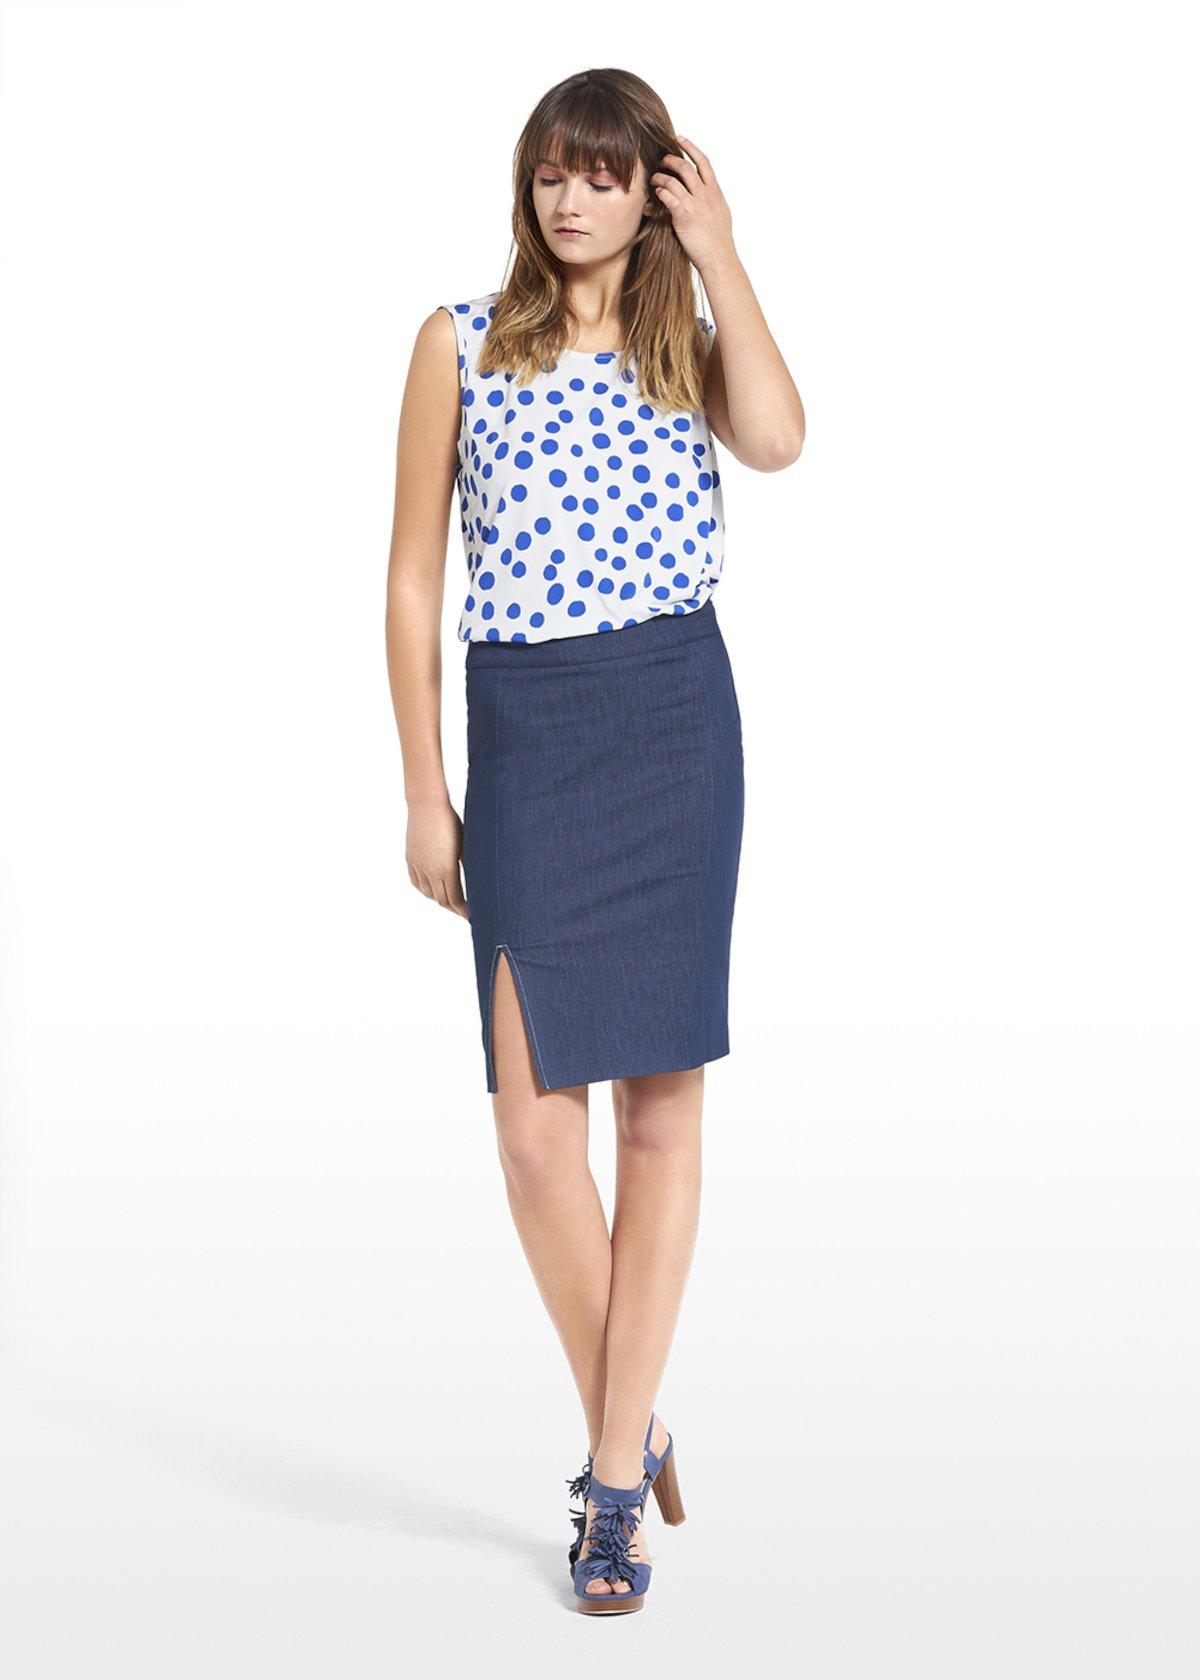 Patterned polka dot on white bottom top Tailor